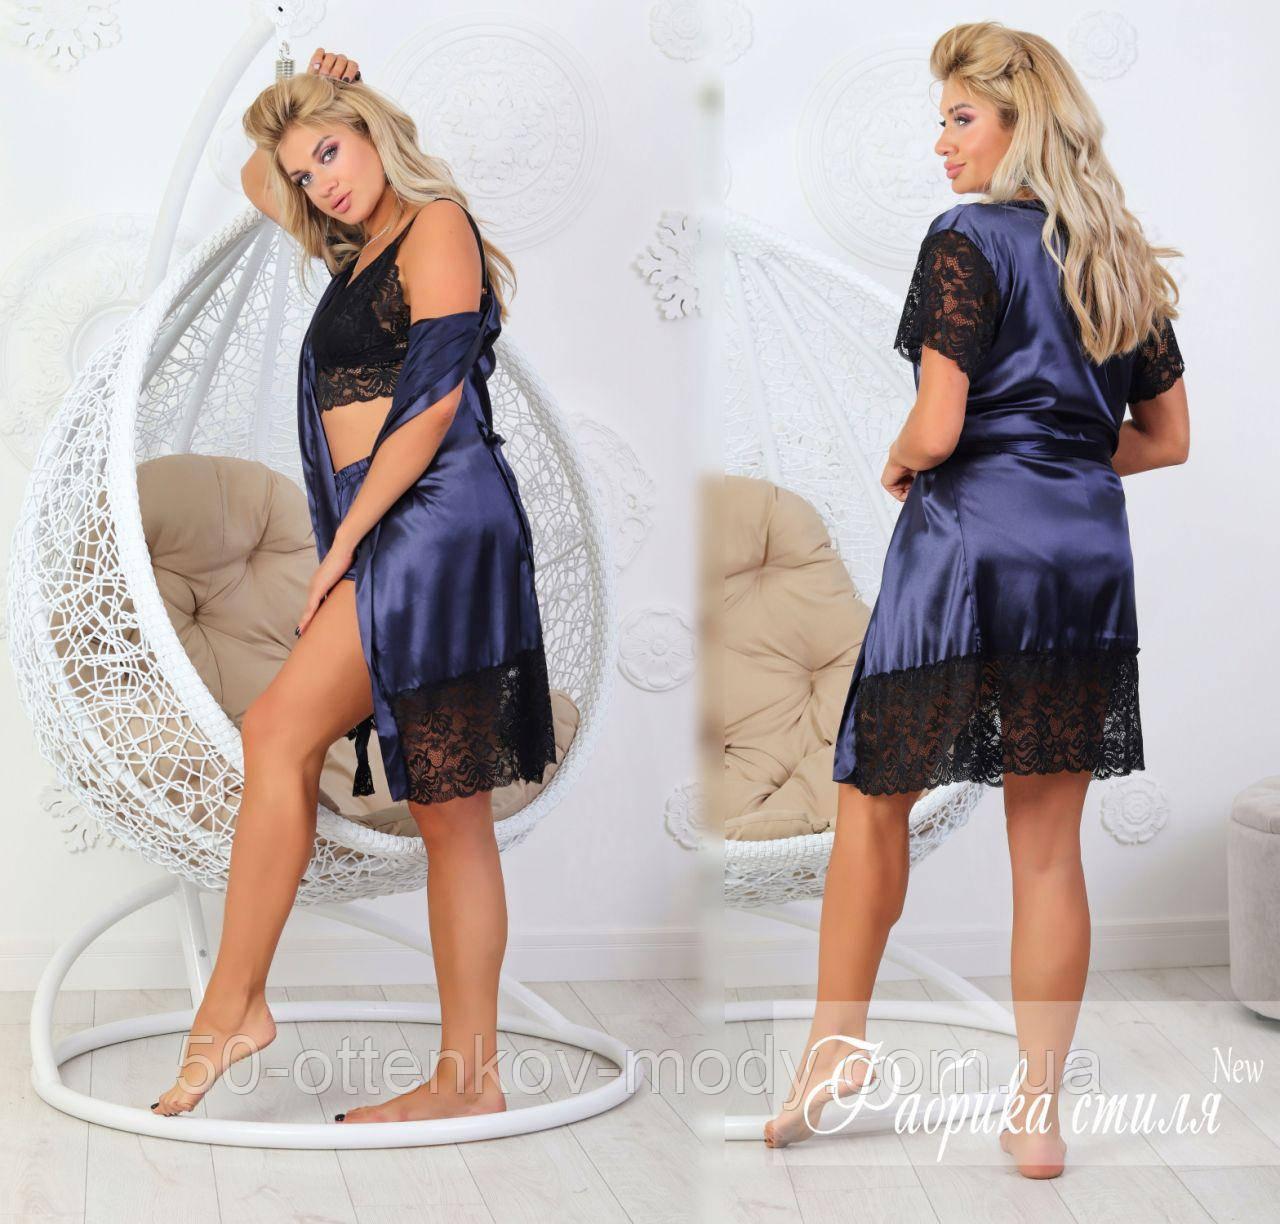 Женская домашняя пижама, шелковый халат, кружевной топ и шелковые шорты с кружевными вставками